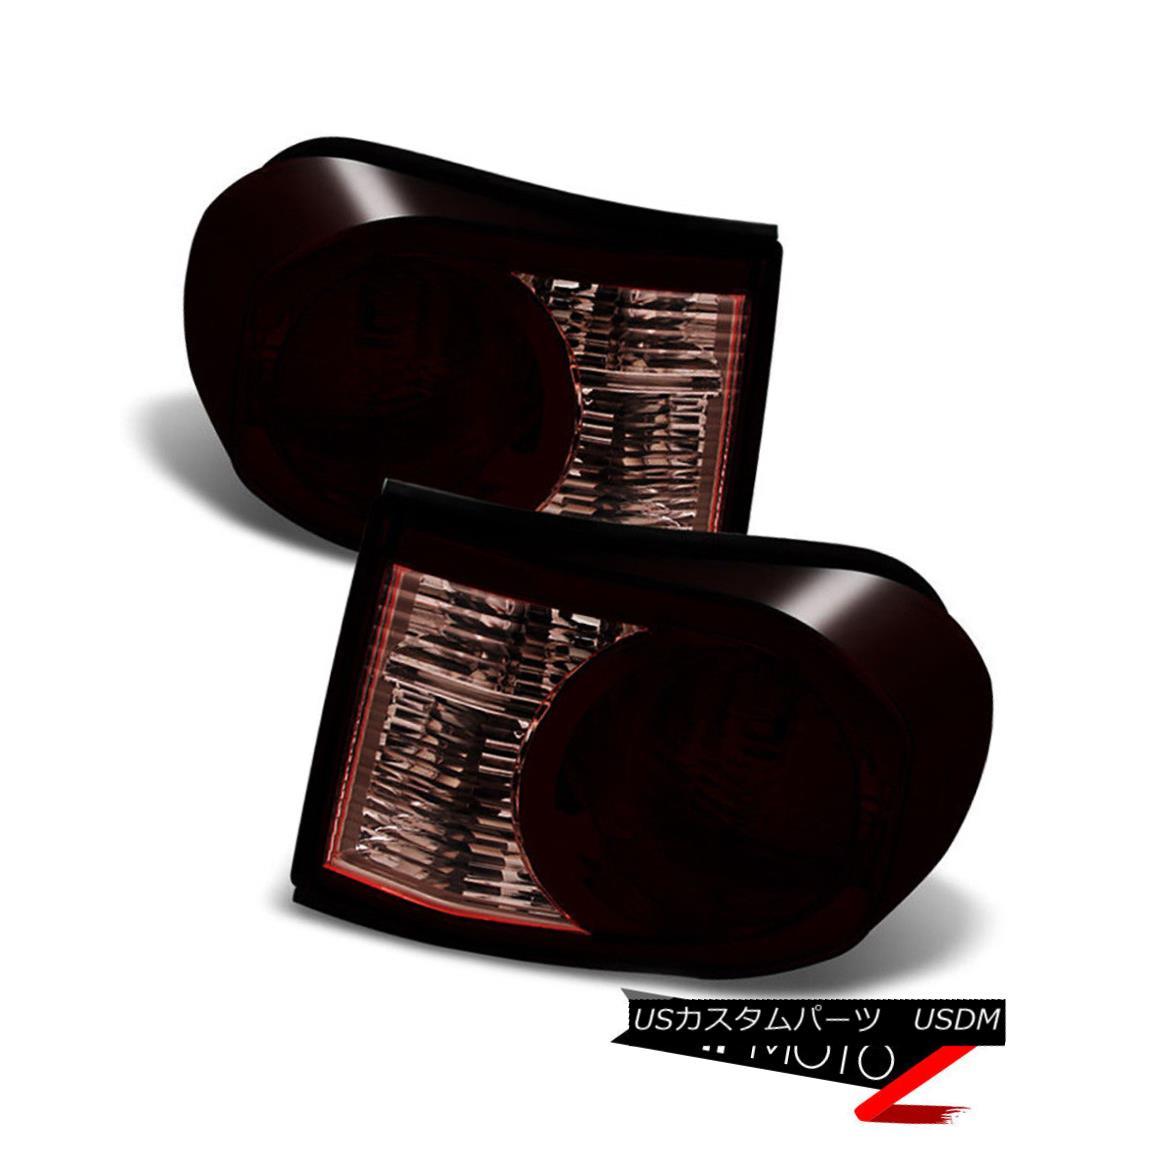 テールライト [JDM STYLE] 2007-2015 Toyota FJ Cruiser TRD Style Dark Smoke Red Rear Tail Light [JDM STYLE] 2007-2015トヨタFJクルーザーTRDスタイルダークスモークレッドリアテールライト